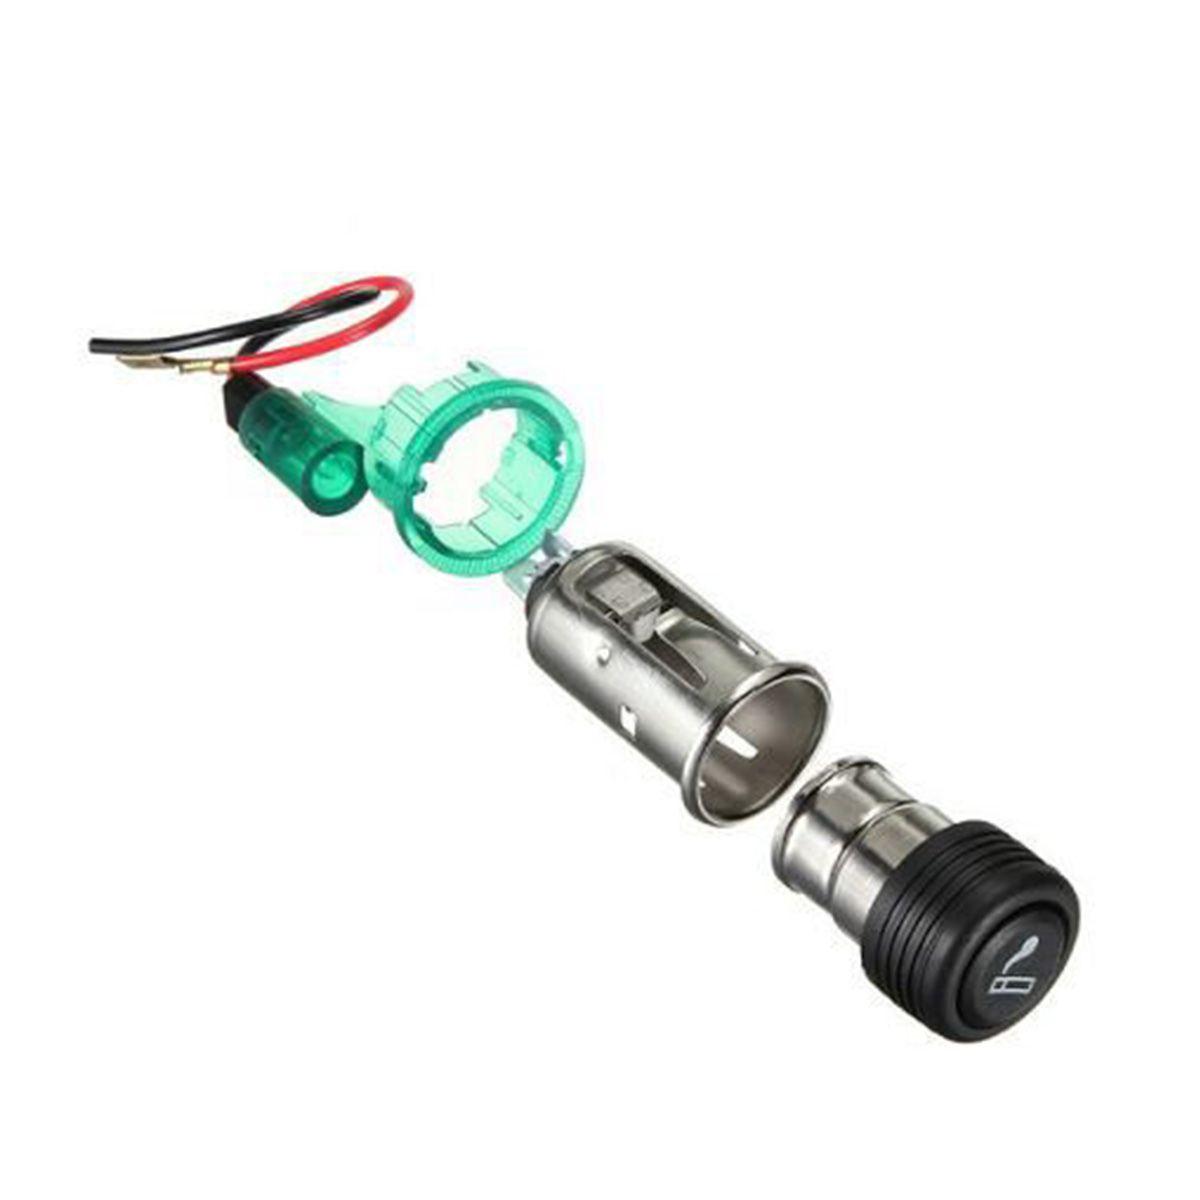 Acendedor De Cigarro Automotivo Universal 12v Lighter